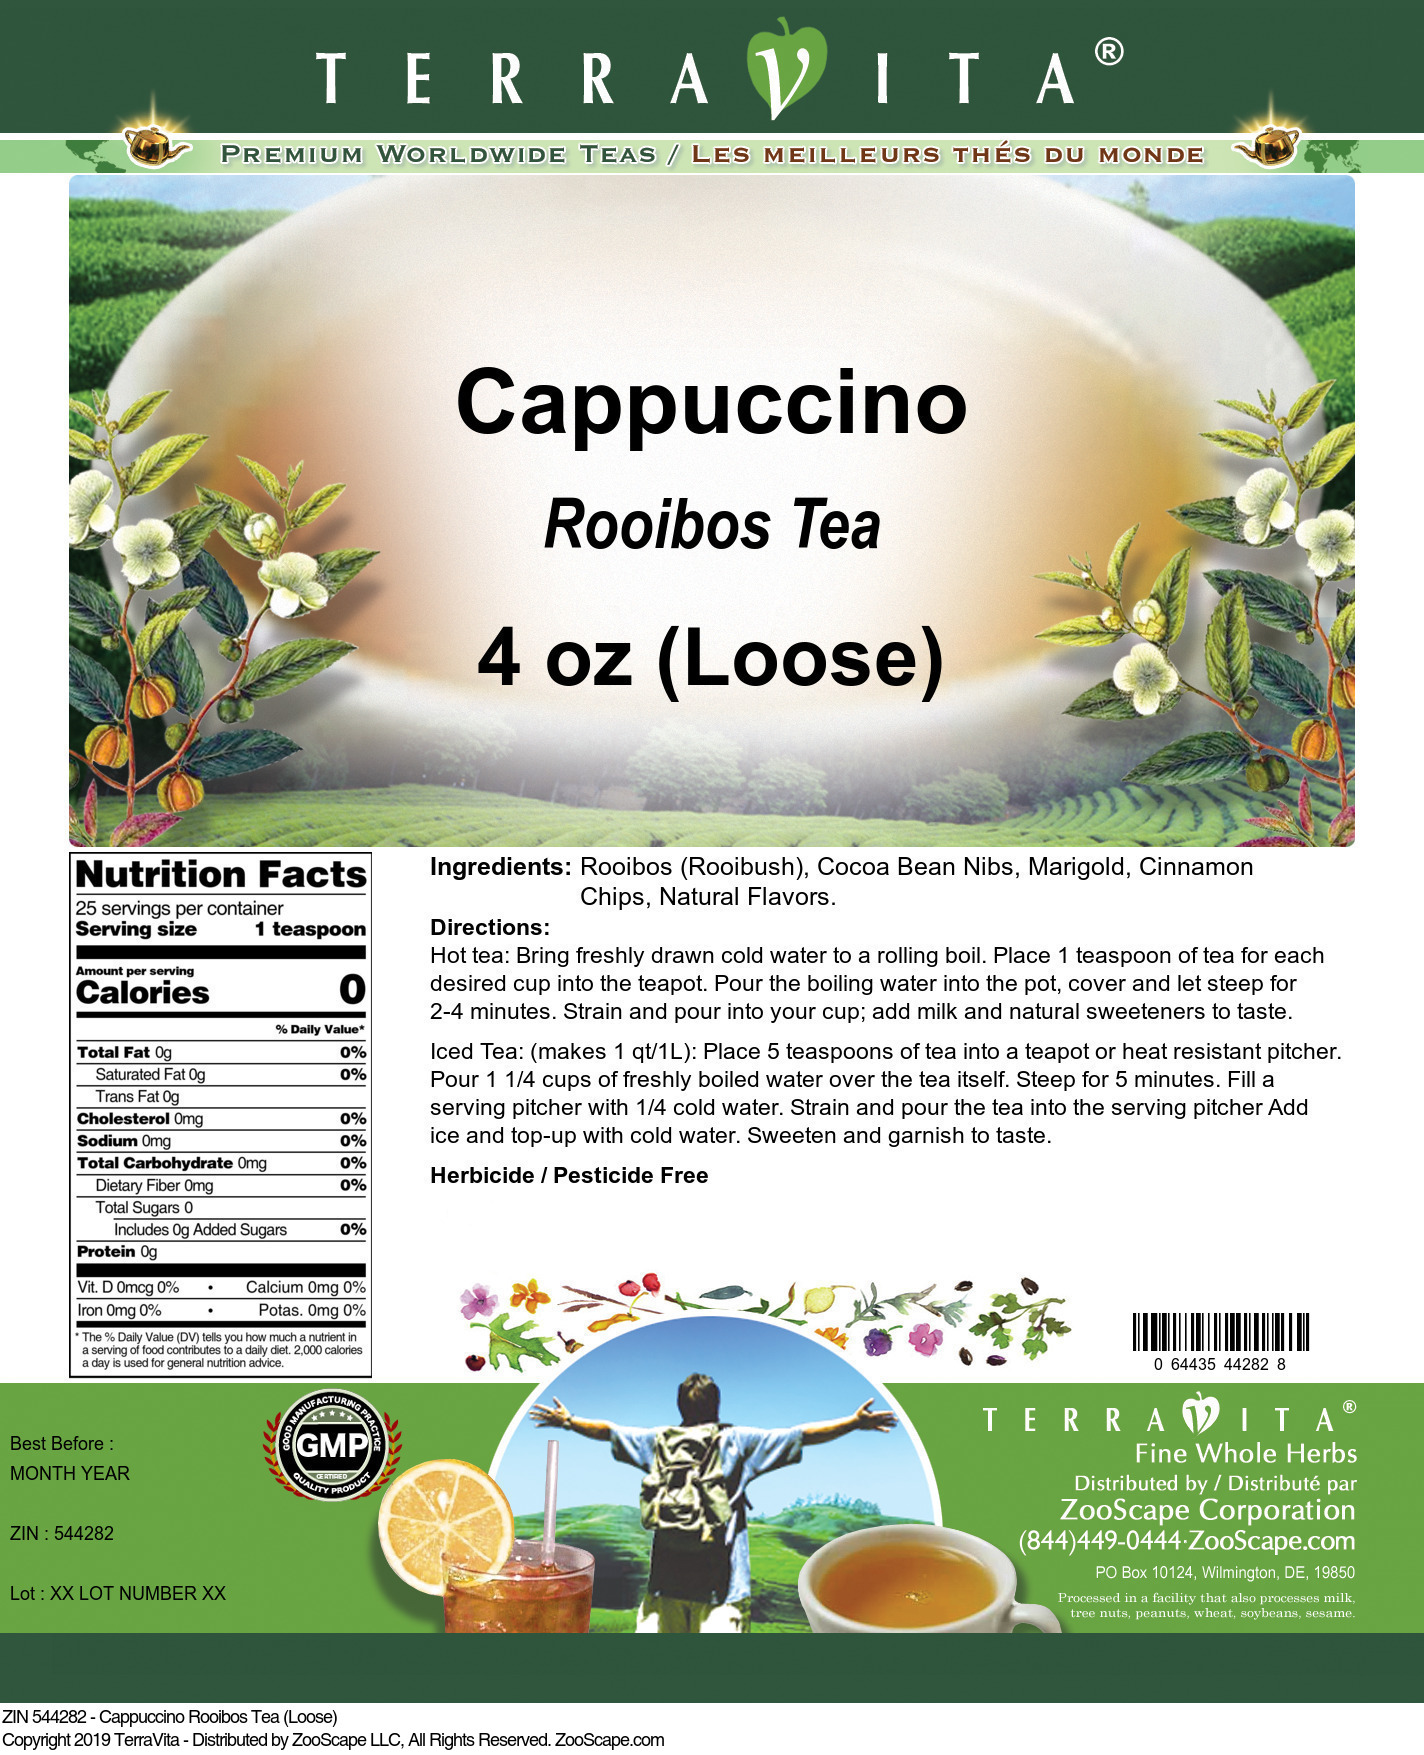 Cappuccino Rooibos Tea (Loose)